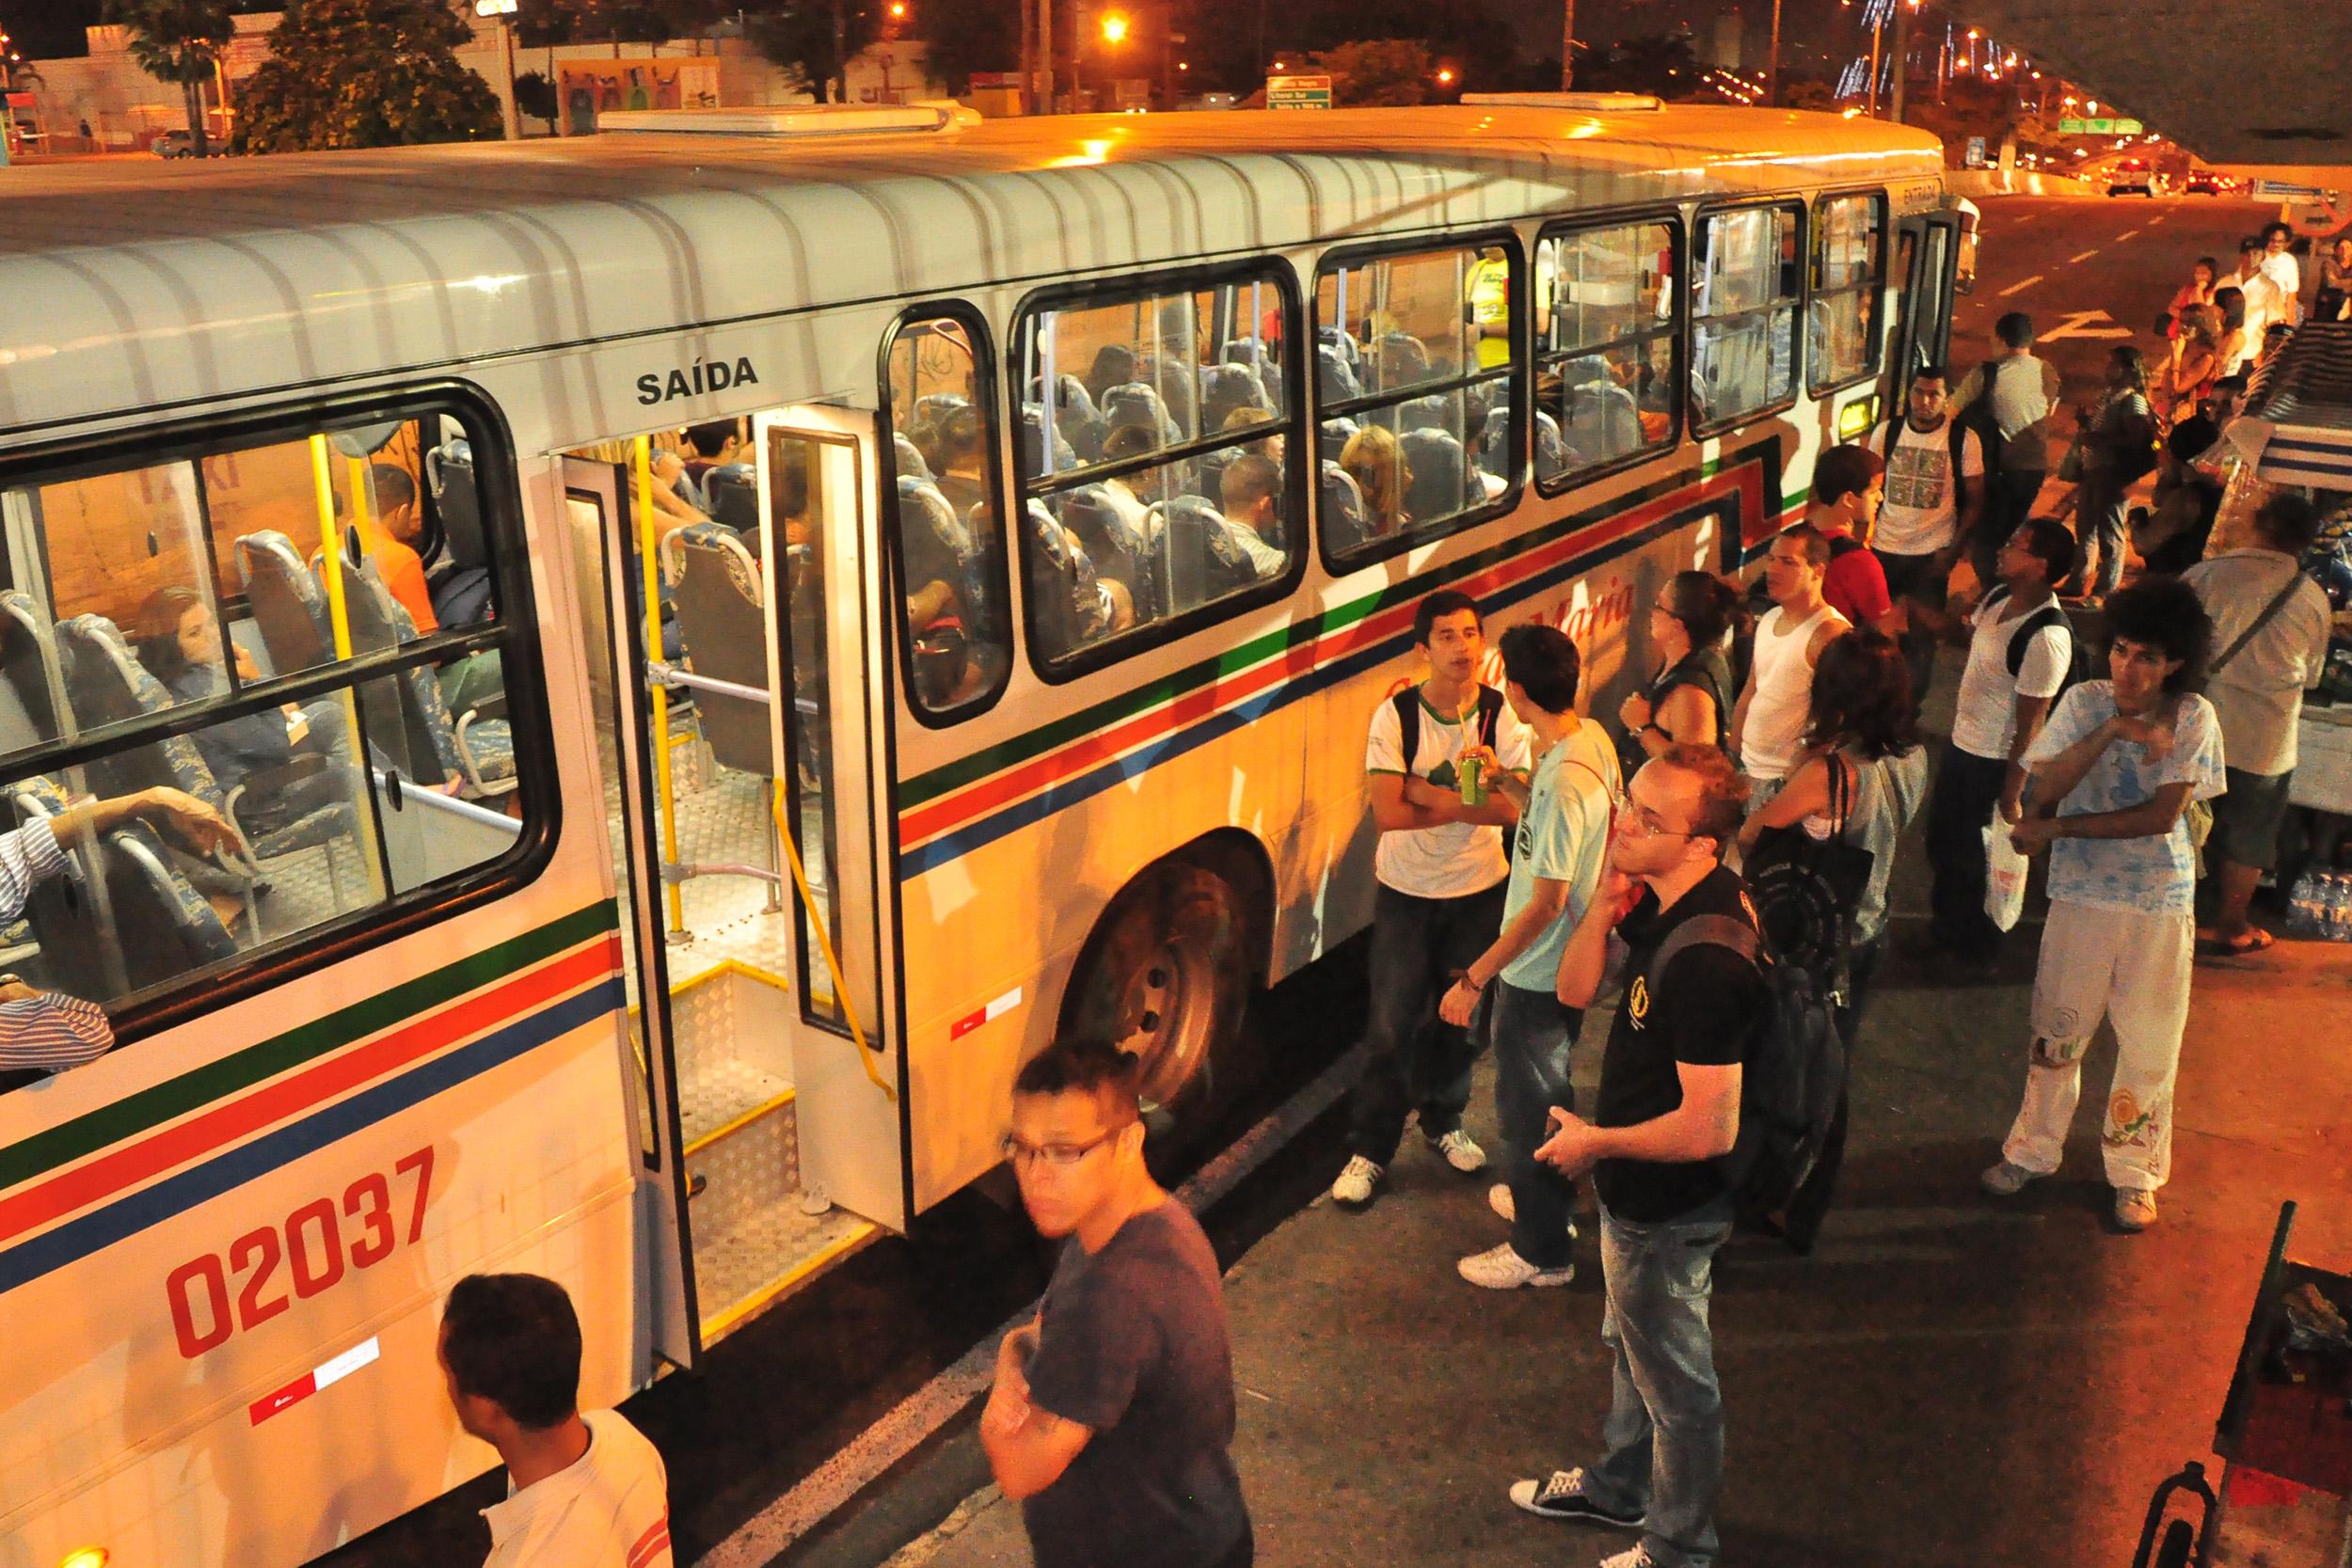 Por decisão dos motoristas, parte da frota de ônibus foi recolhida no início da noite. Paradas das principais vias ficaram lotadas